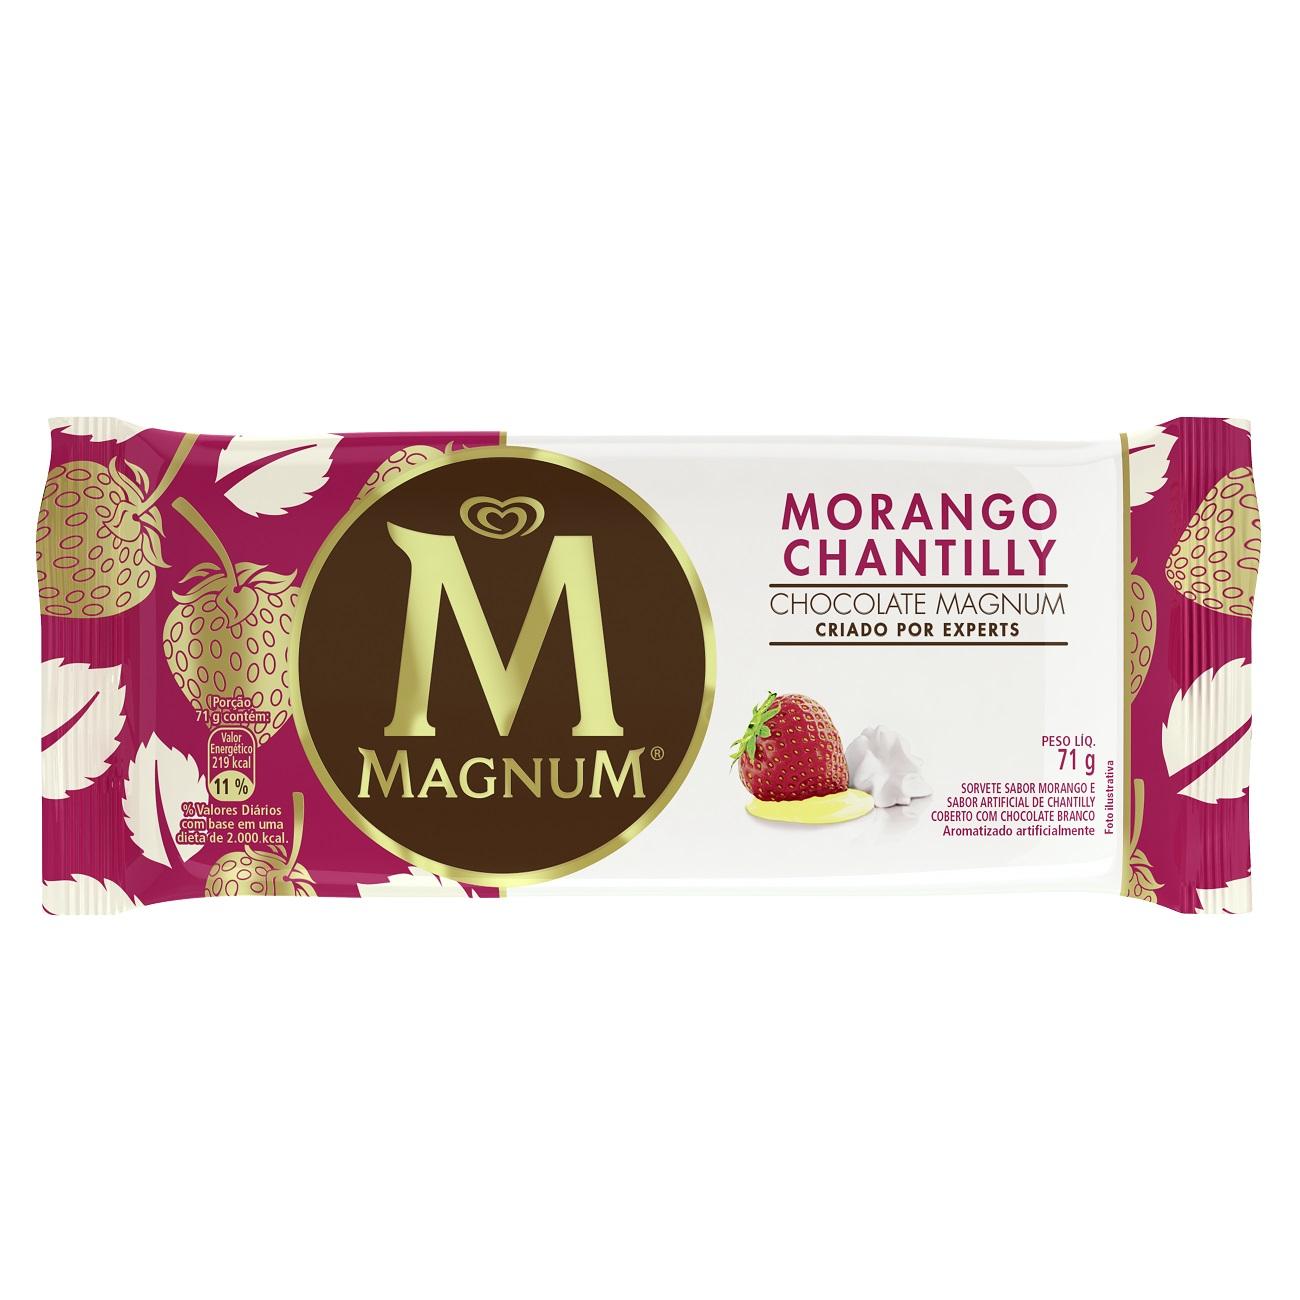 Sorvete Kibon Magnum Morango Chantilly 90ML l Caixa com 18